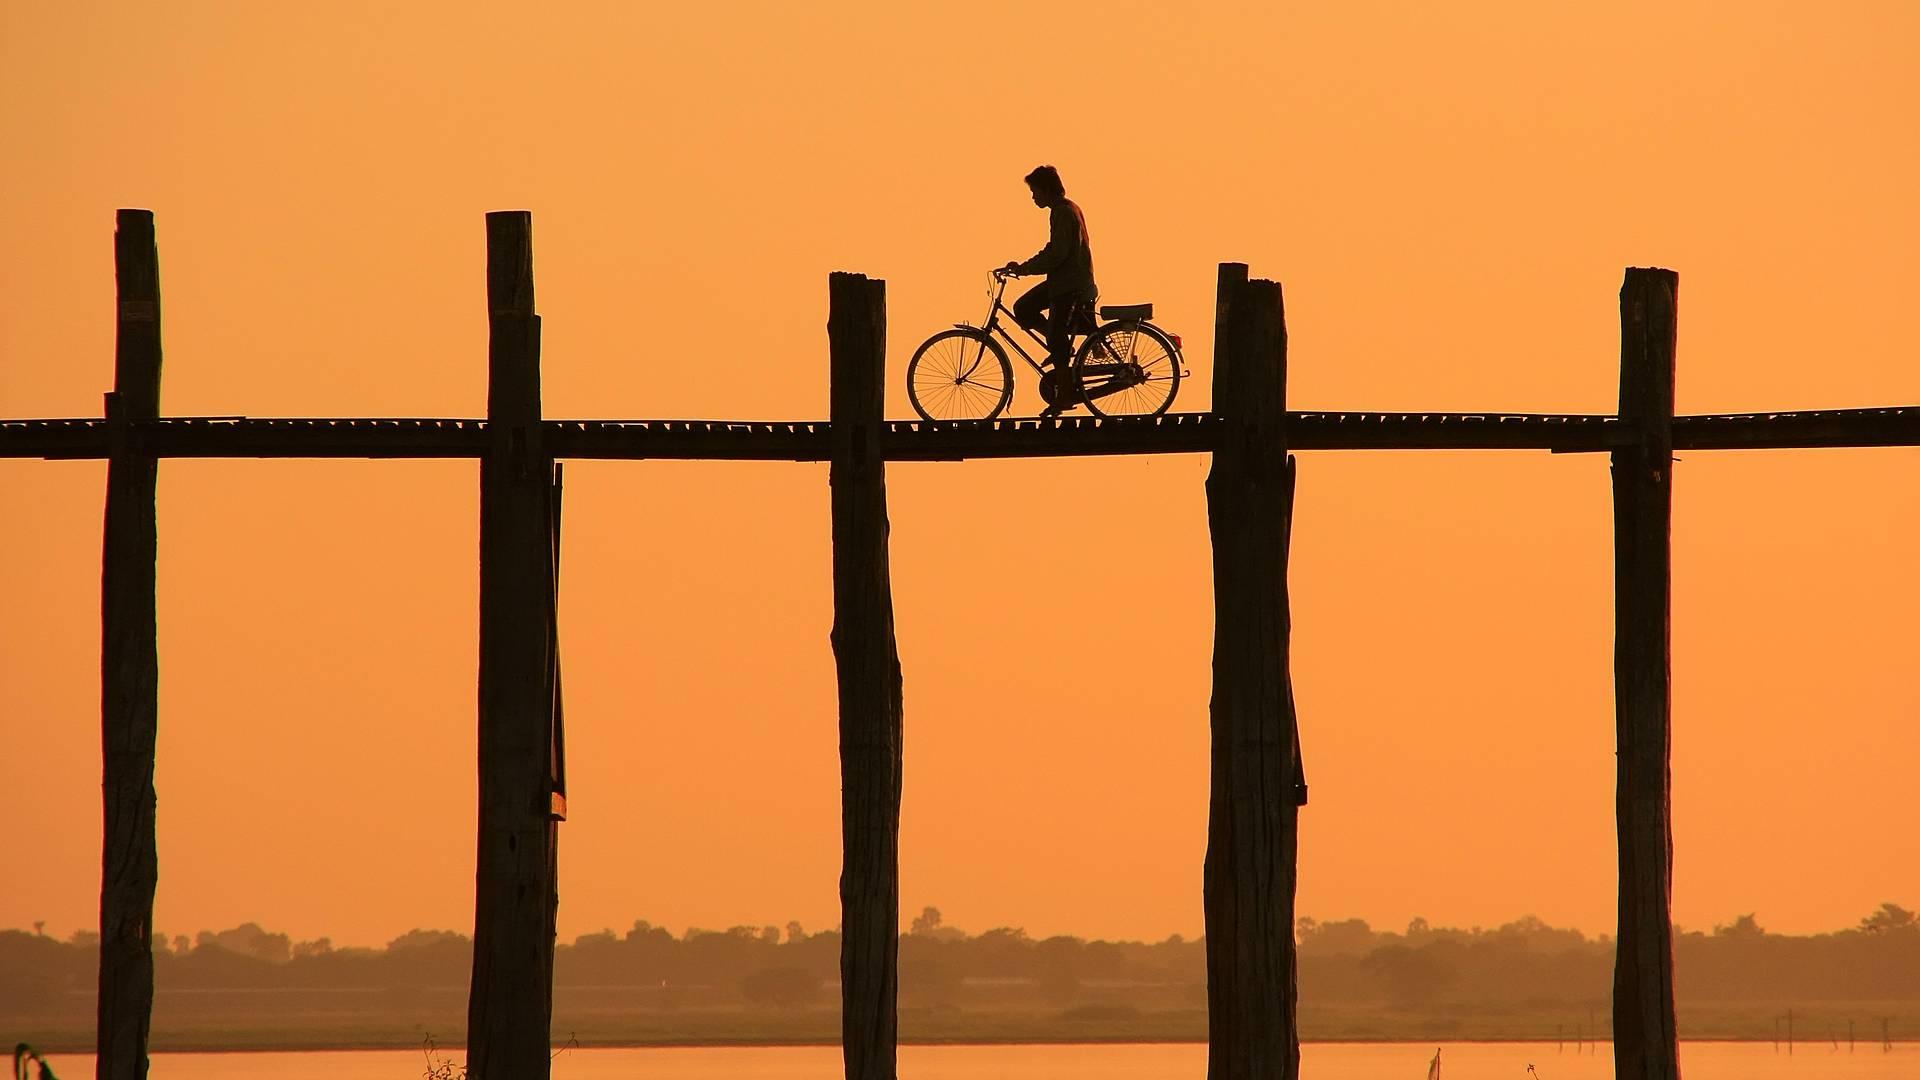 Abenteuerliche und spektakuläre Radreise